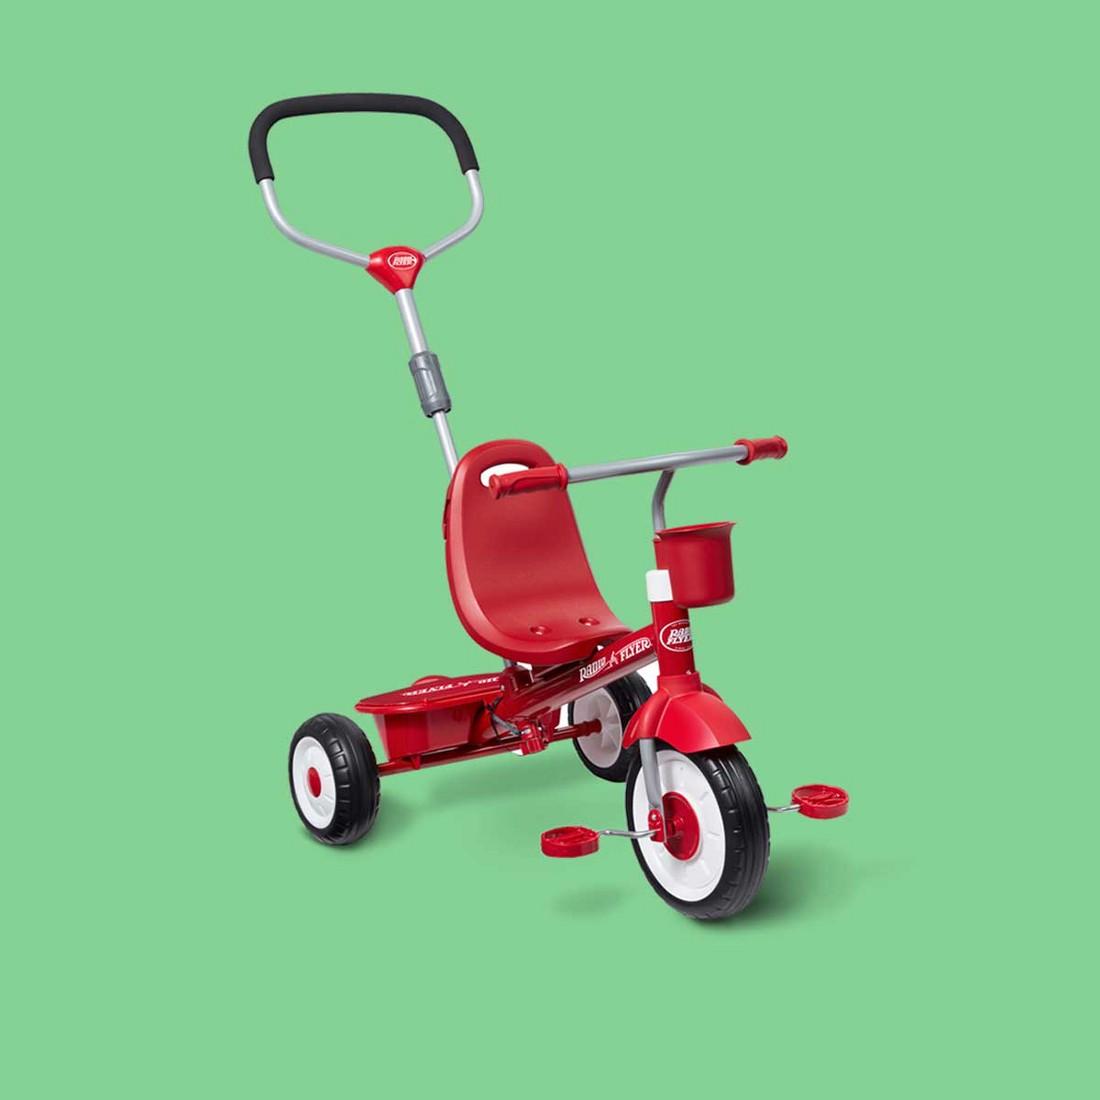 Toddler Toys Target